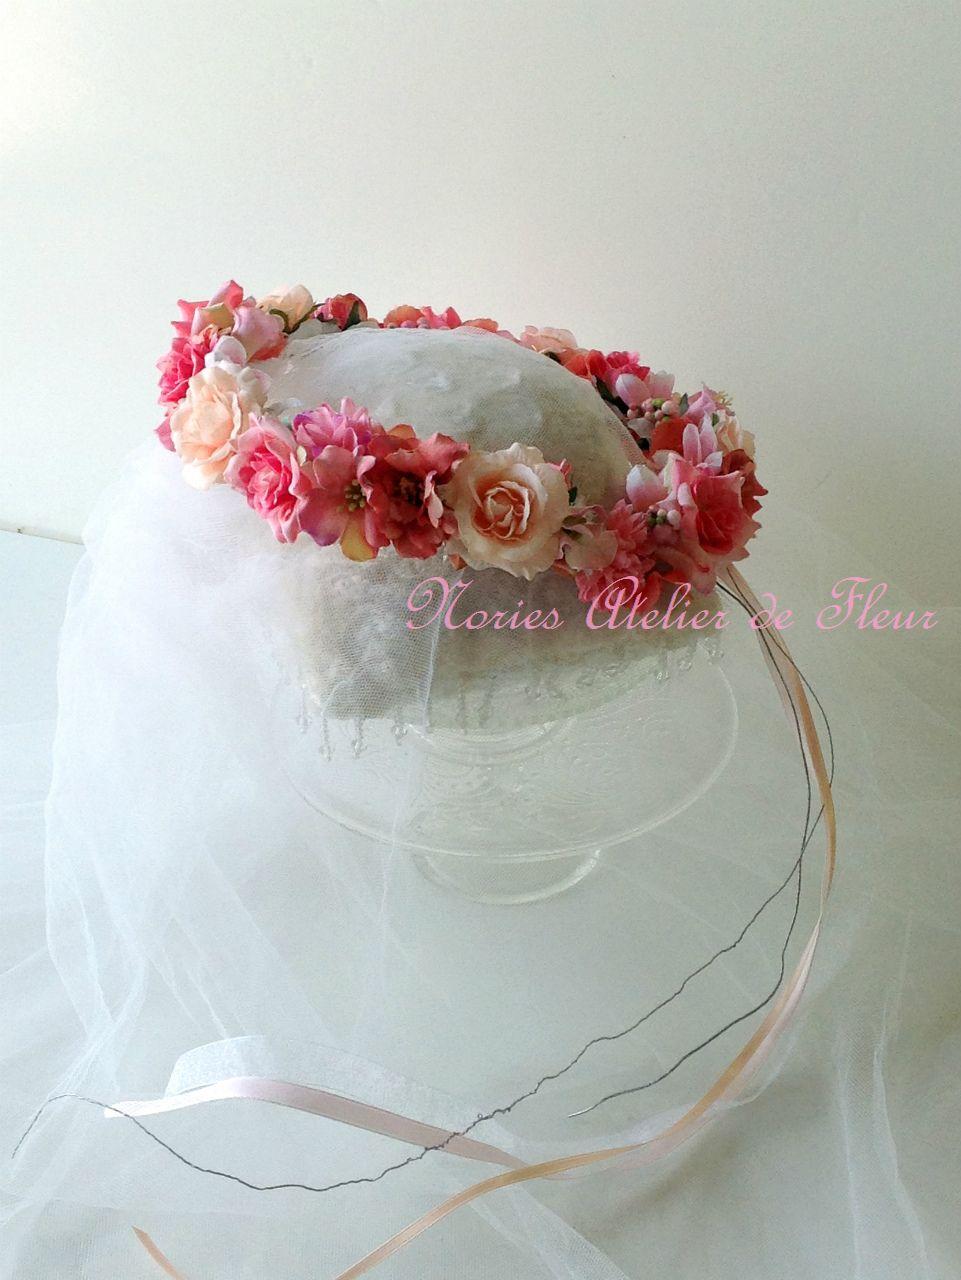 Elaine エレイン ピーチカラーのアーティフィシャルフラワーを使った花かんむり